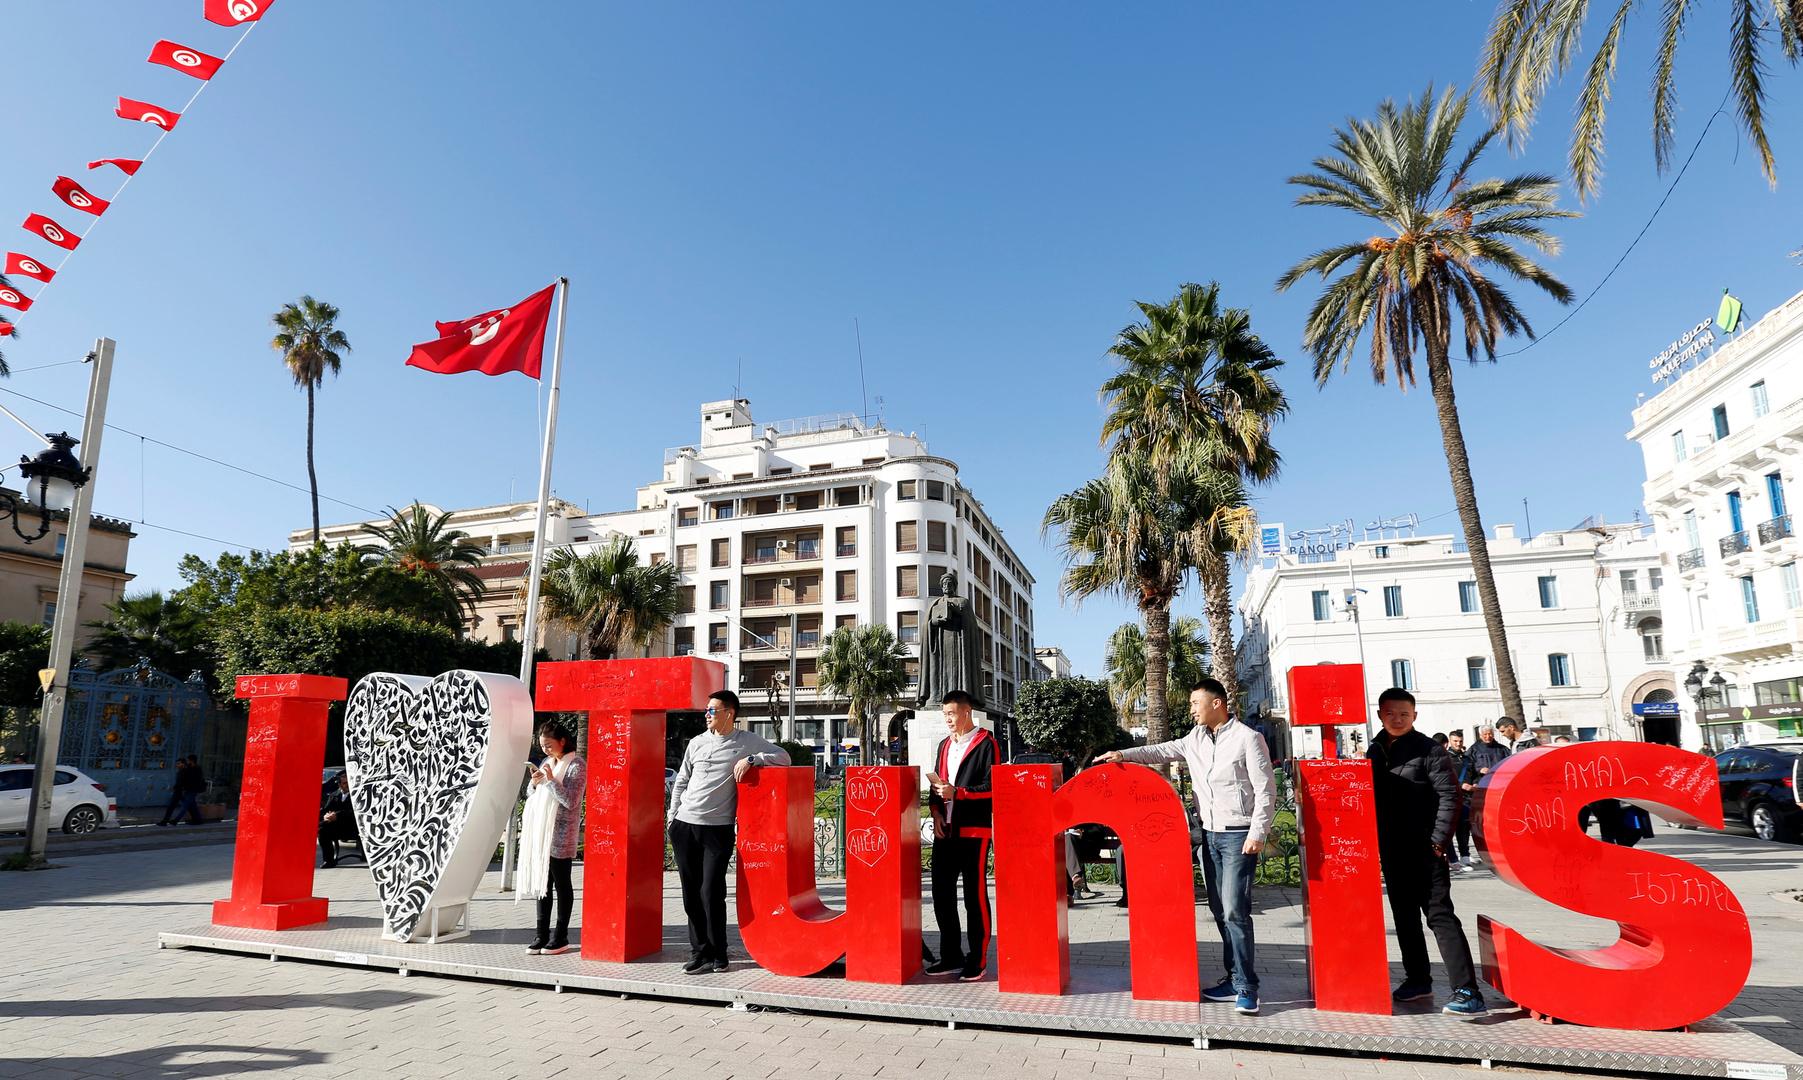 صورة لمدخل مدينة تونس السياحة في تونس